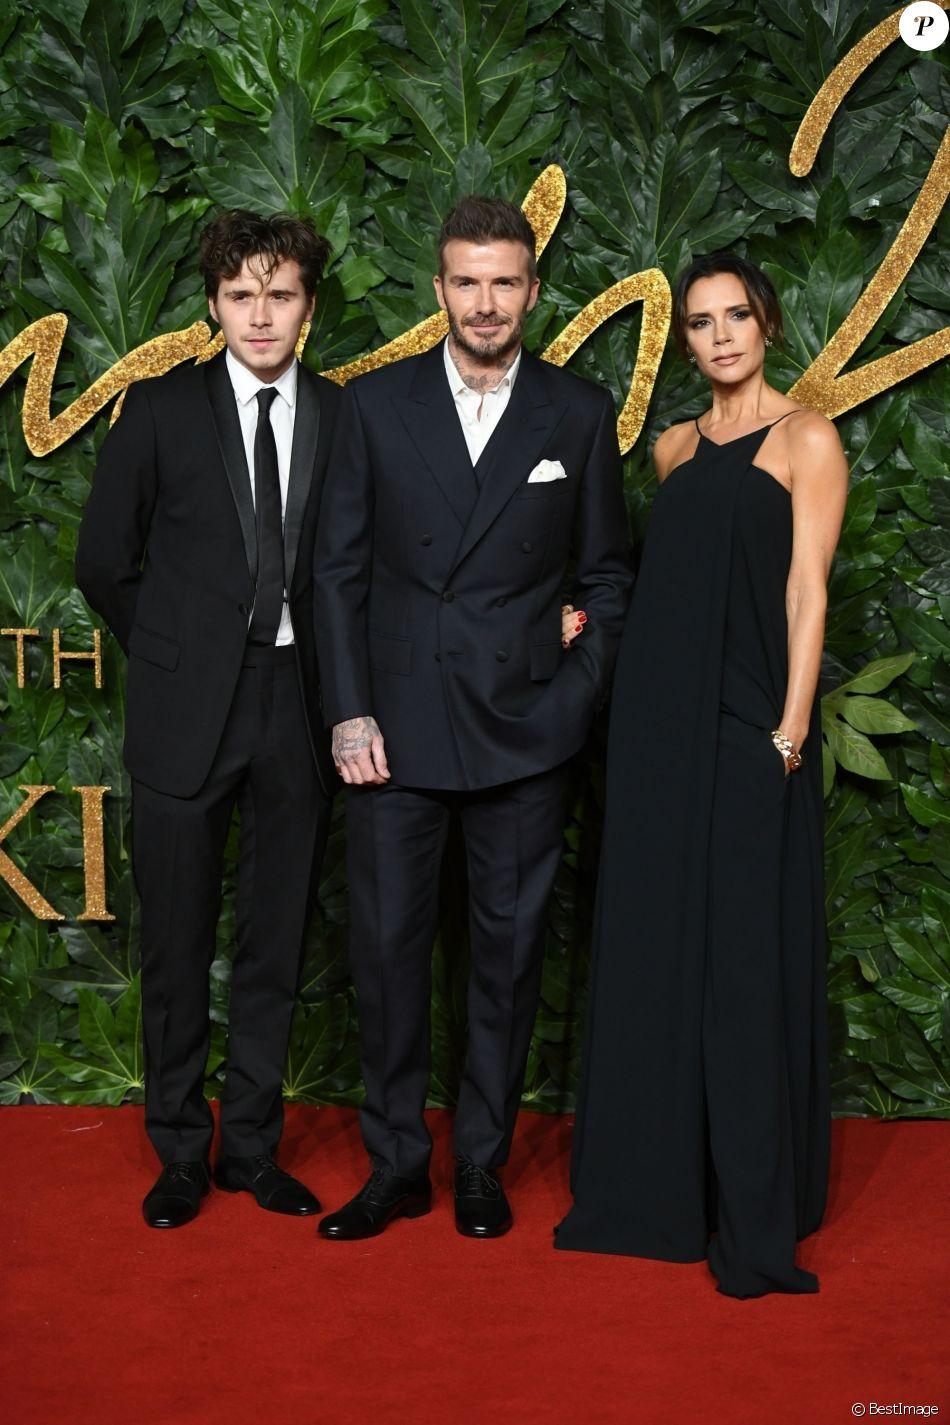 David Beckham et Victoria Beckham avec leur fils aîné Brooklyn à la soirée Fashion Awards 2018 au Royal Albert Hall à Londres, le 10 décembre 2018.